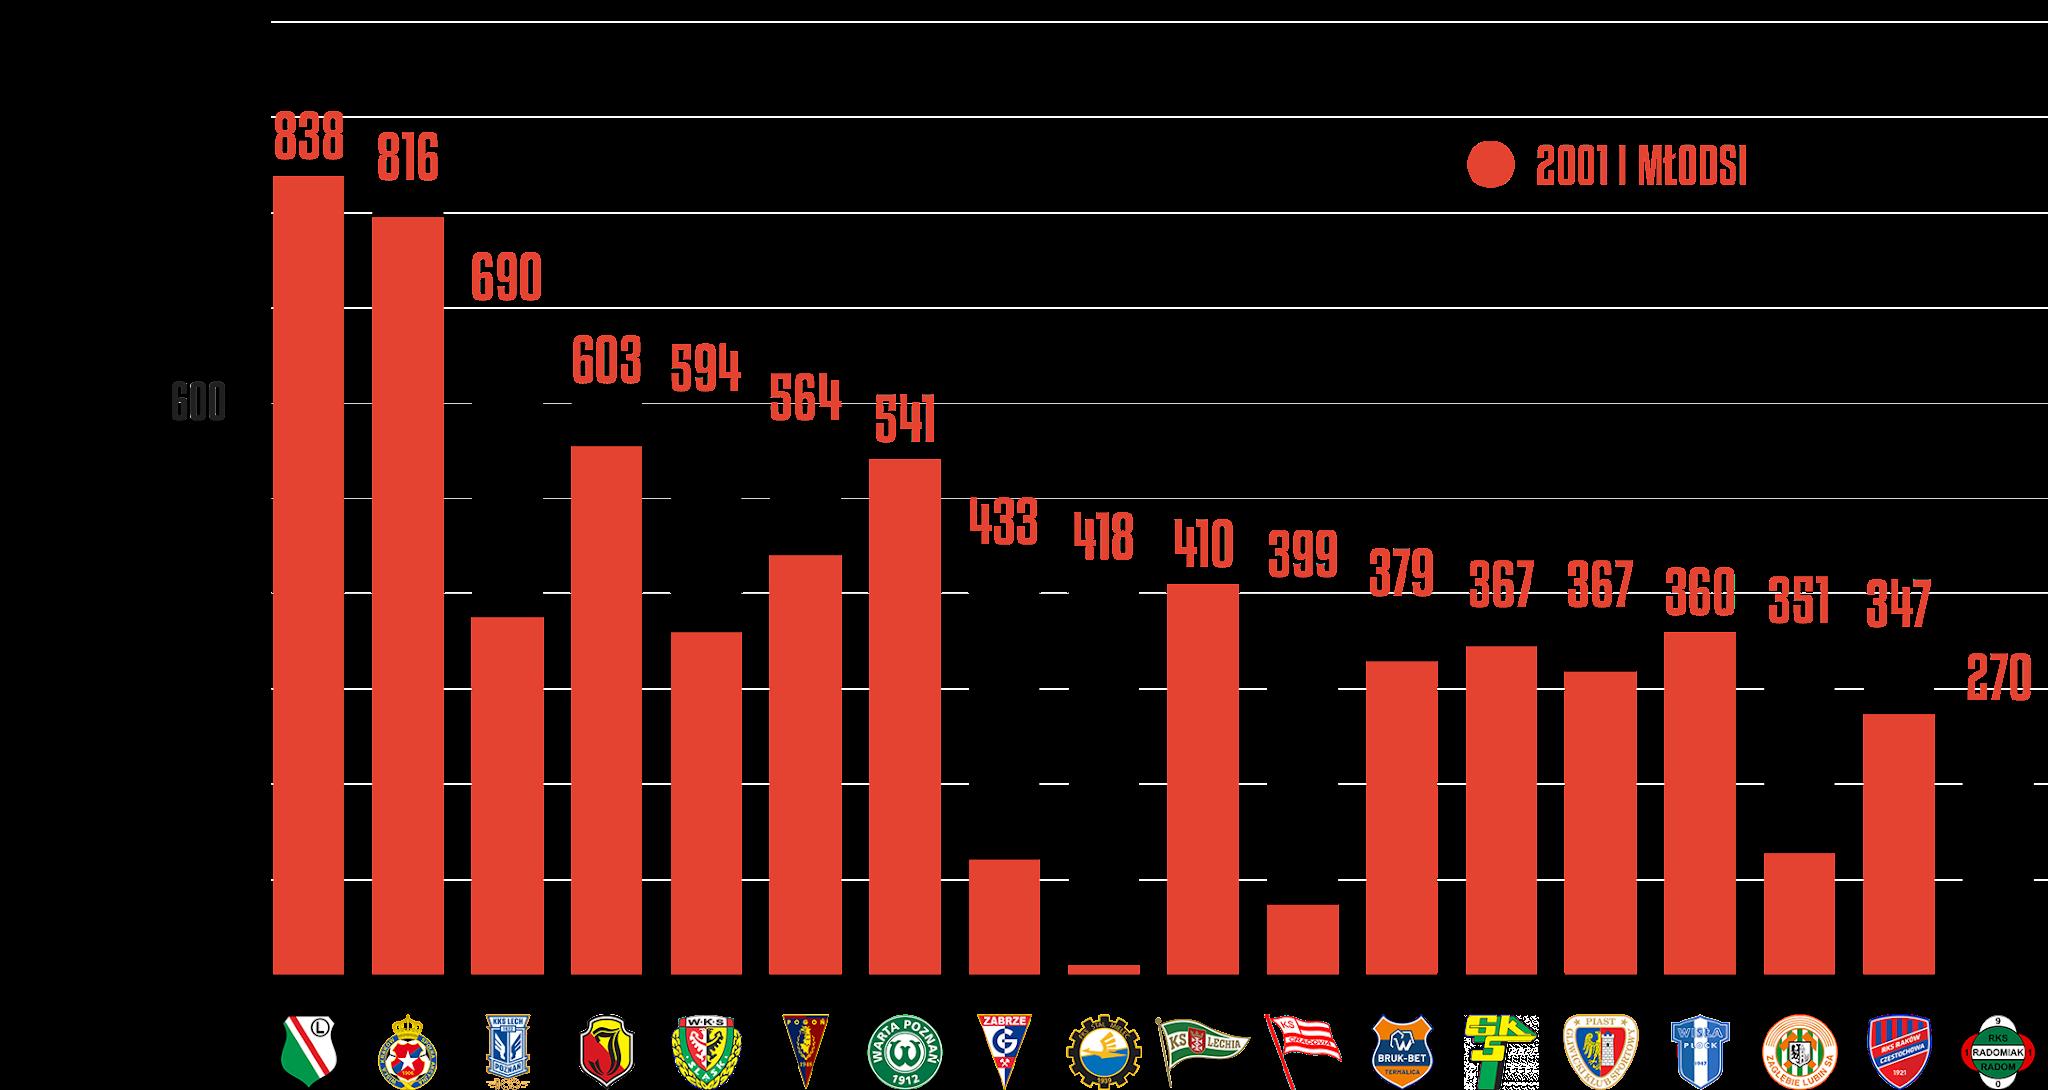 Klasyfikacja klubów pod względem rozegranego czasu przez młodzieżowców po 4.kolejce PKO Ekstraklasy<br><br>Źródło: Opracowanie własne na podstawie ekstrastats.pl<br><br>graf. Bartosz Urban